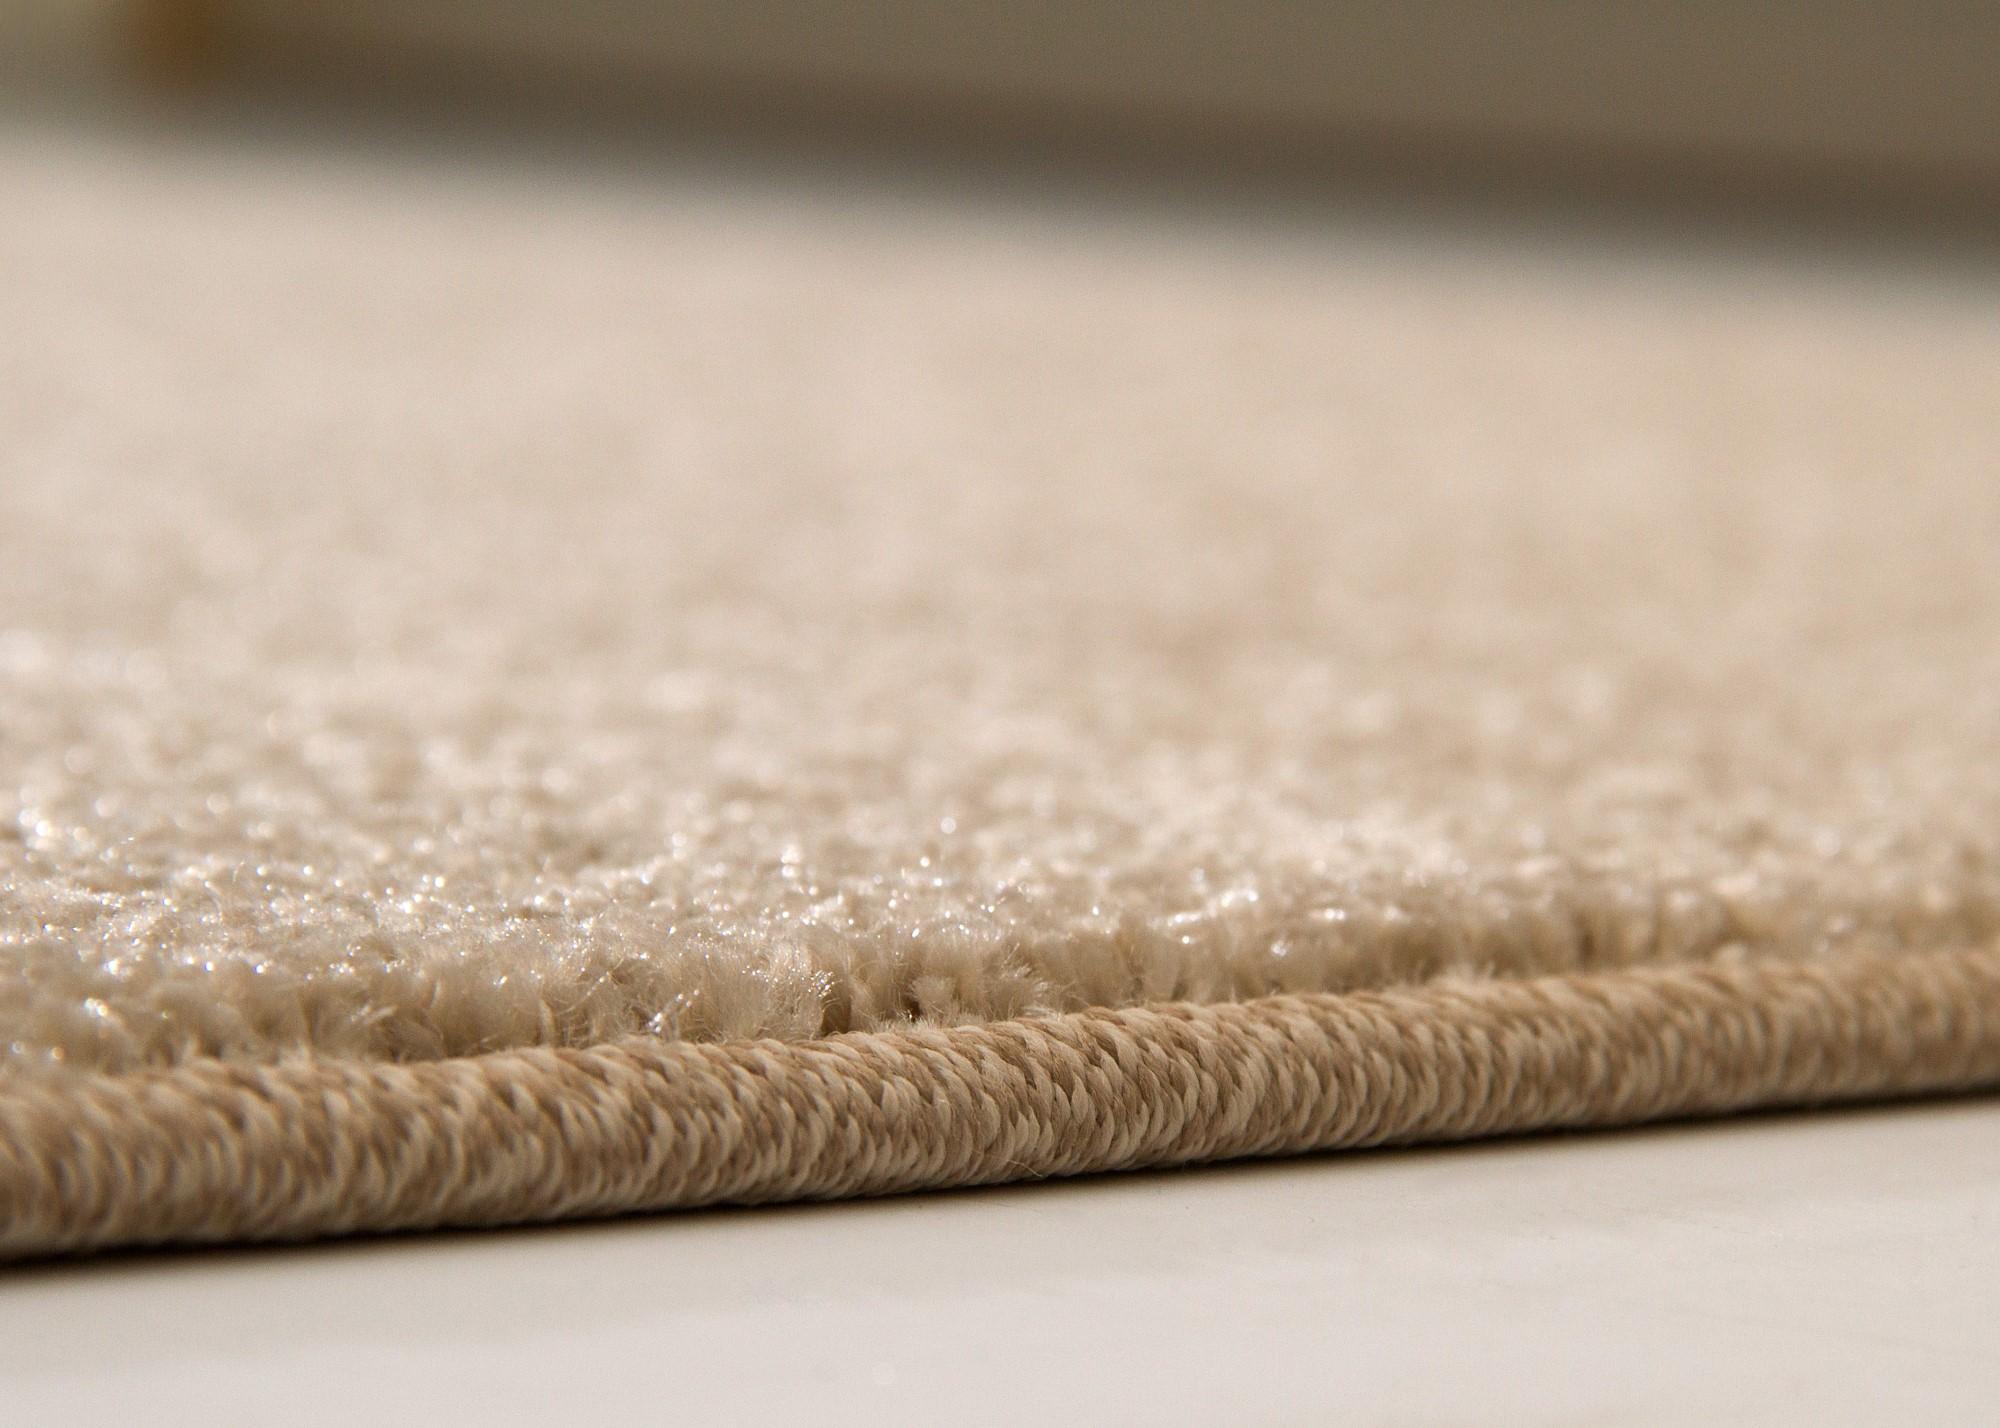 designer teppich modern margate wohnzimmer grau beige ebay. Black Bedroom Furniture Sets. Home Design Ideas